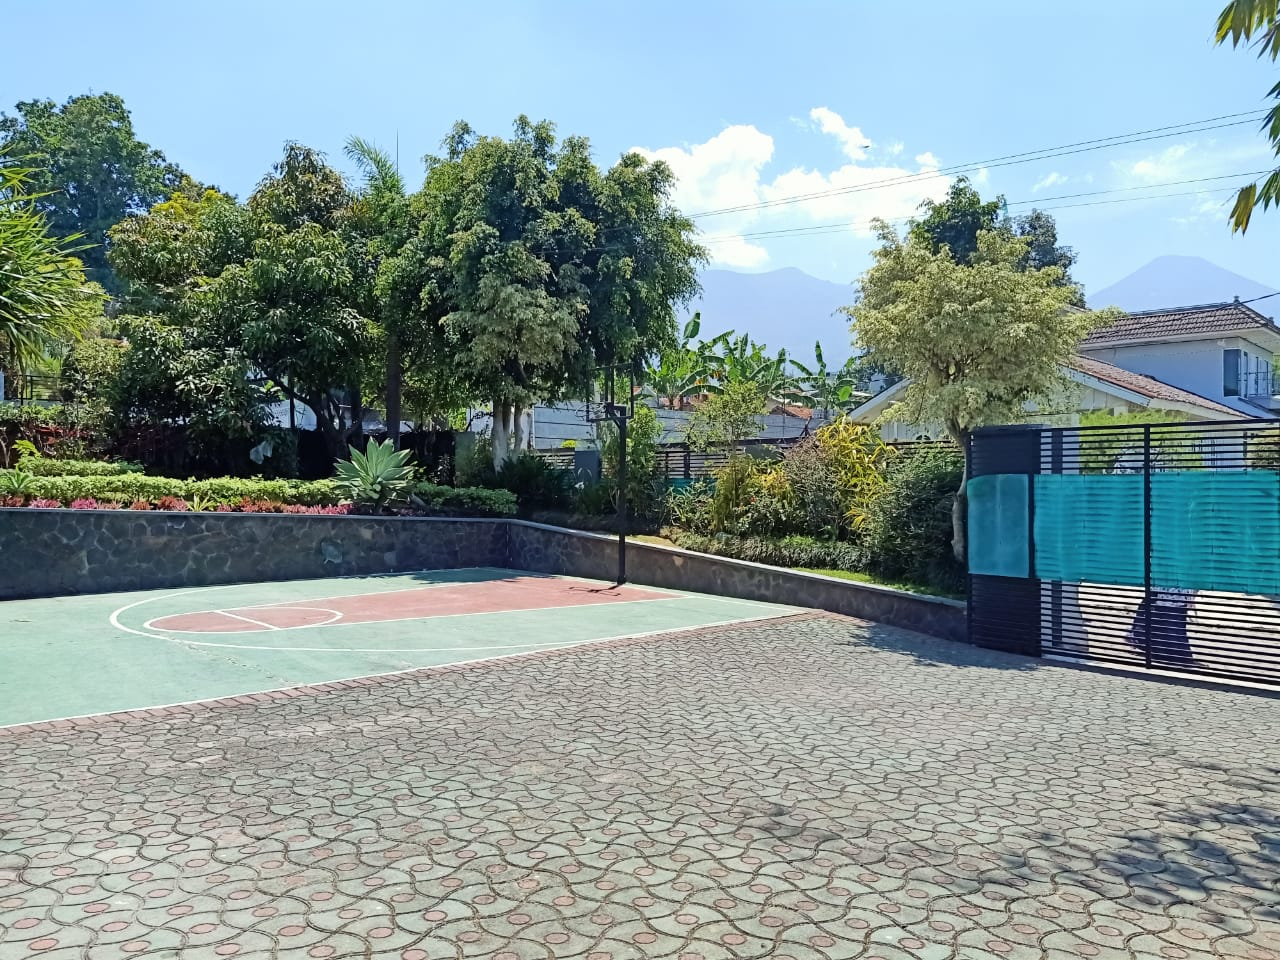 Villa Pasakon, Sewa Villa Indah di Puncak Bogor Bersama Keluarga 4 Kamar Tidur